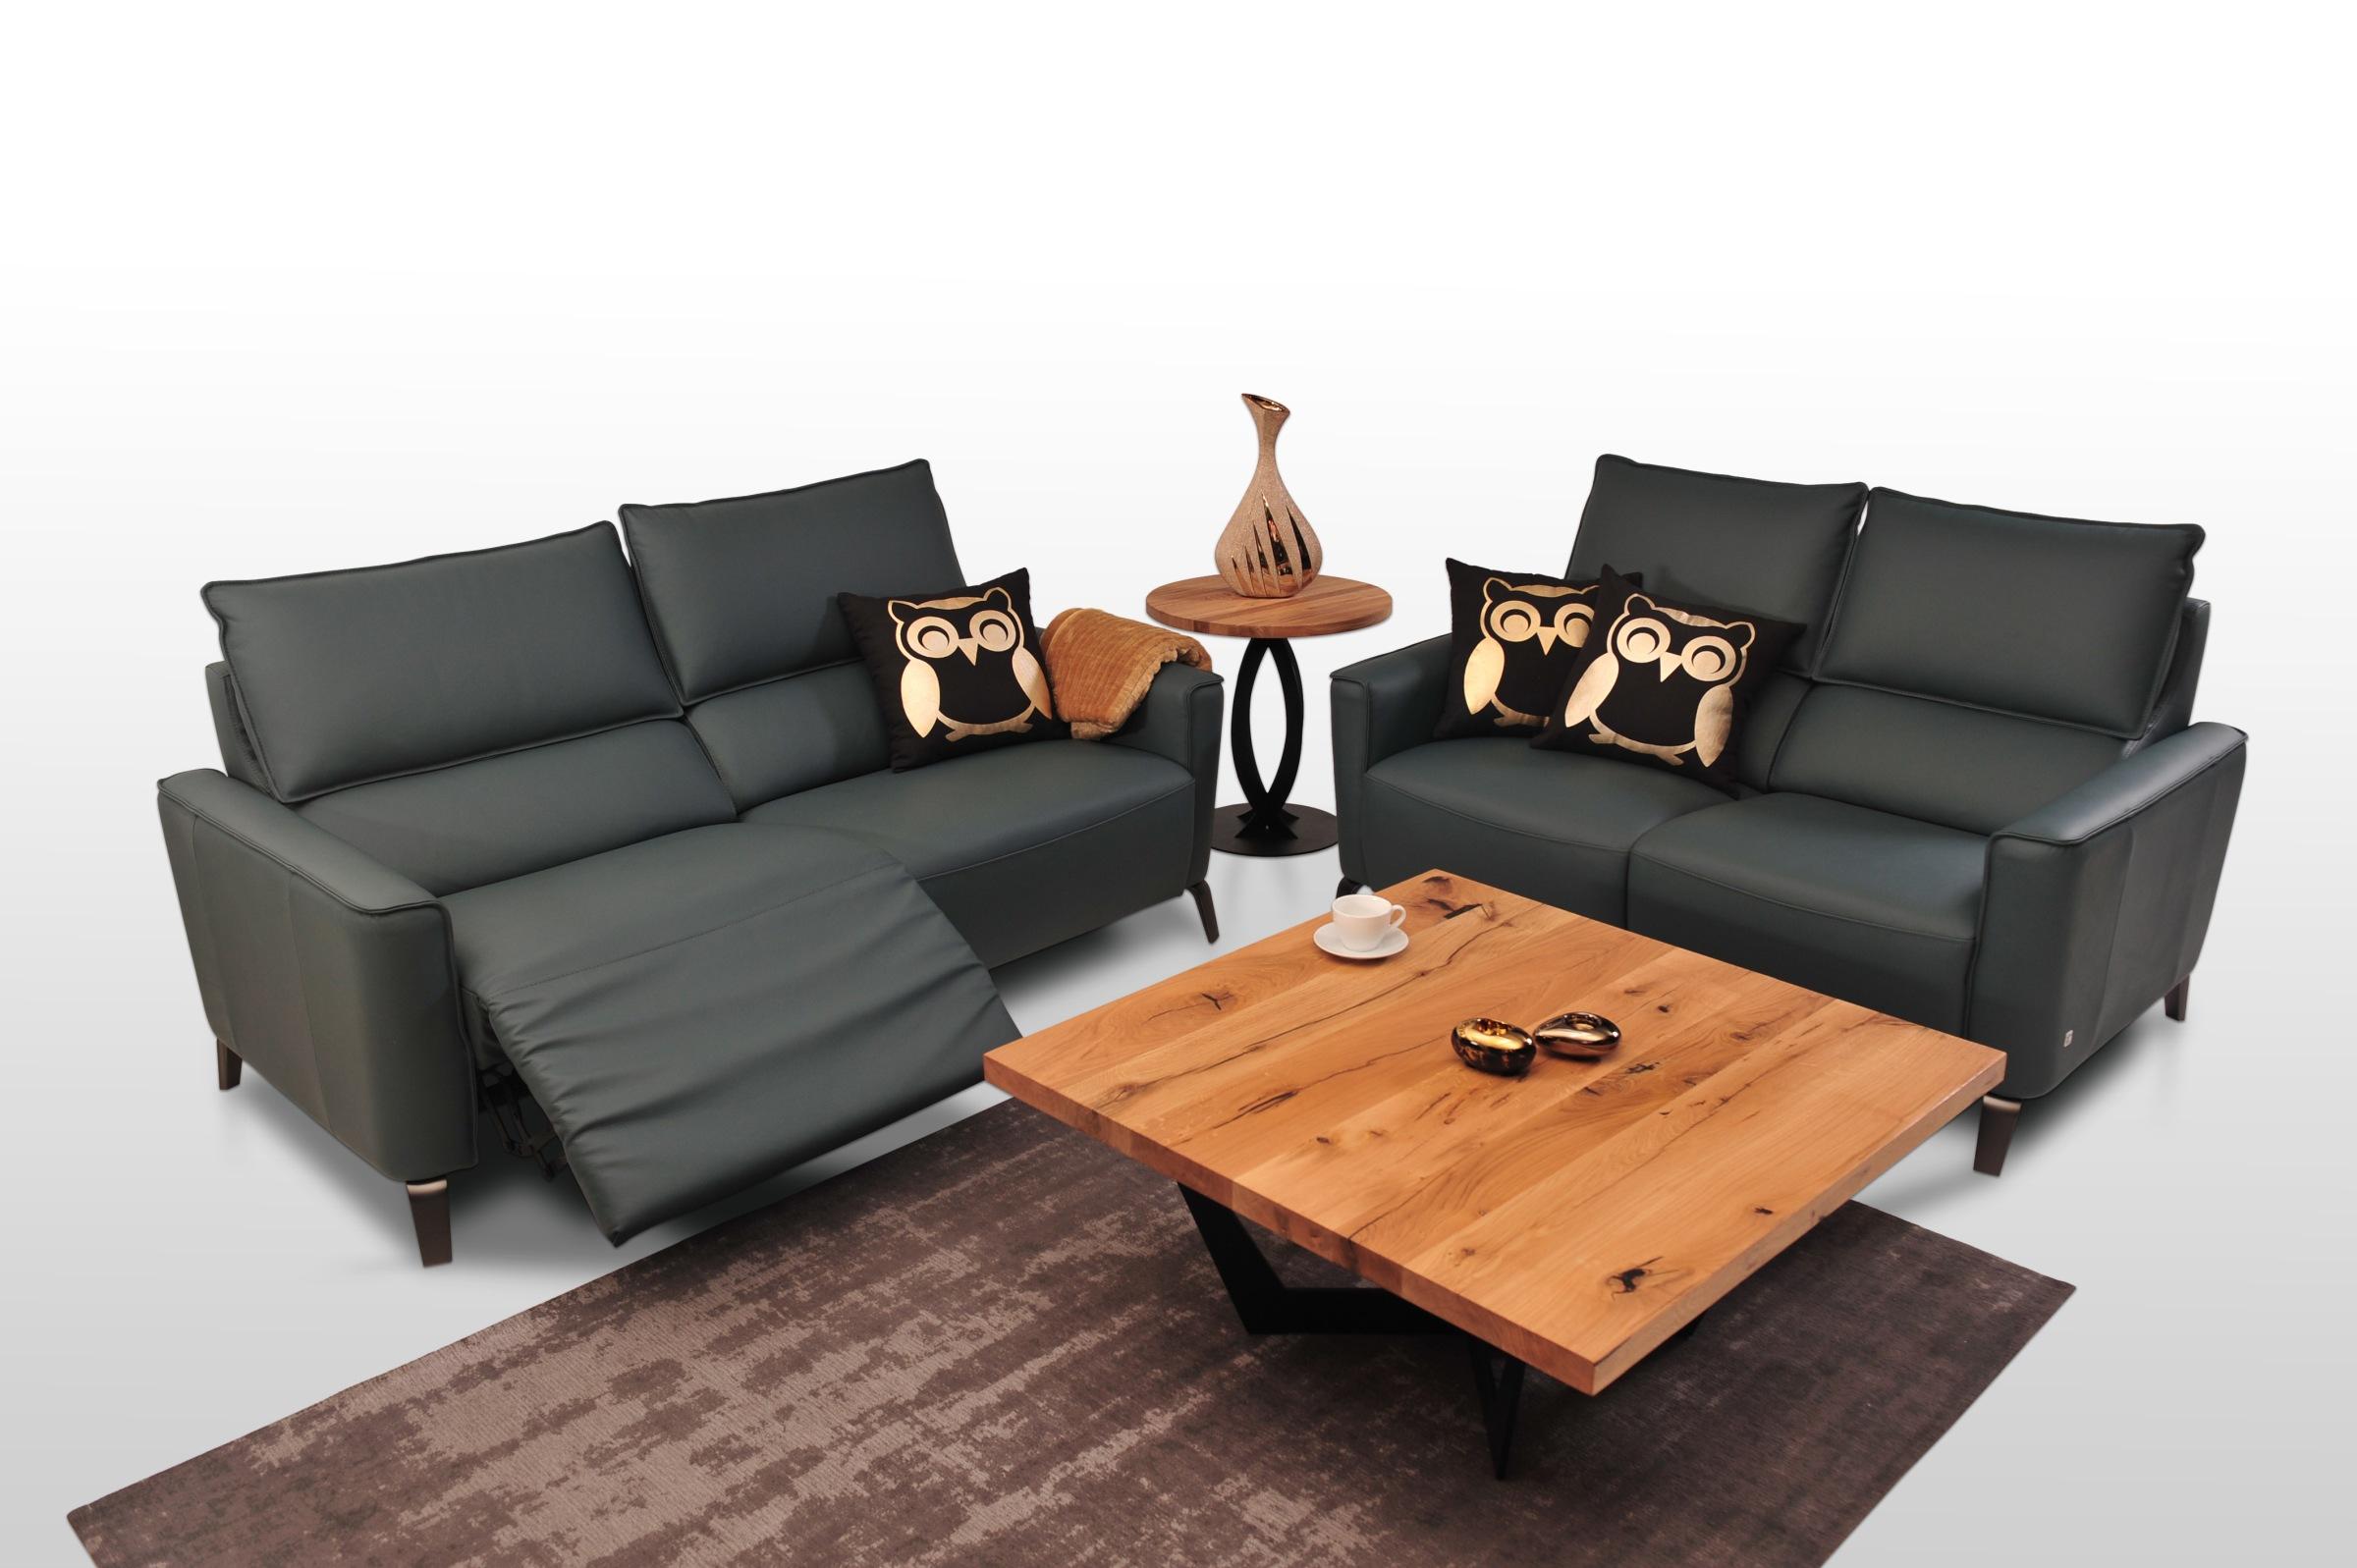 Aviva II - wygodny komplet wypoczynkowy 2+2 do nowoczesnego wnętrza salonu, sofy skórzane z wąskim bokiem i szerokimi siedziskami